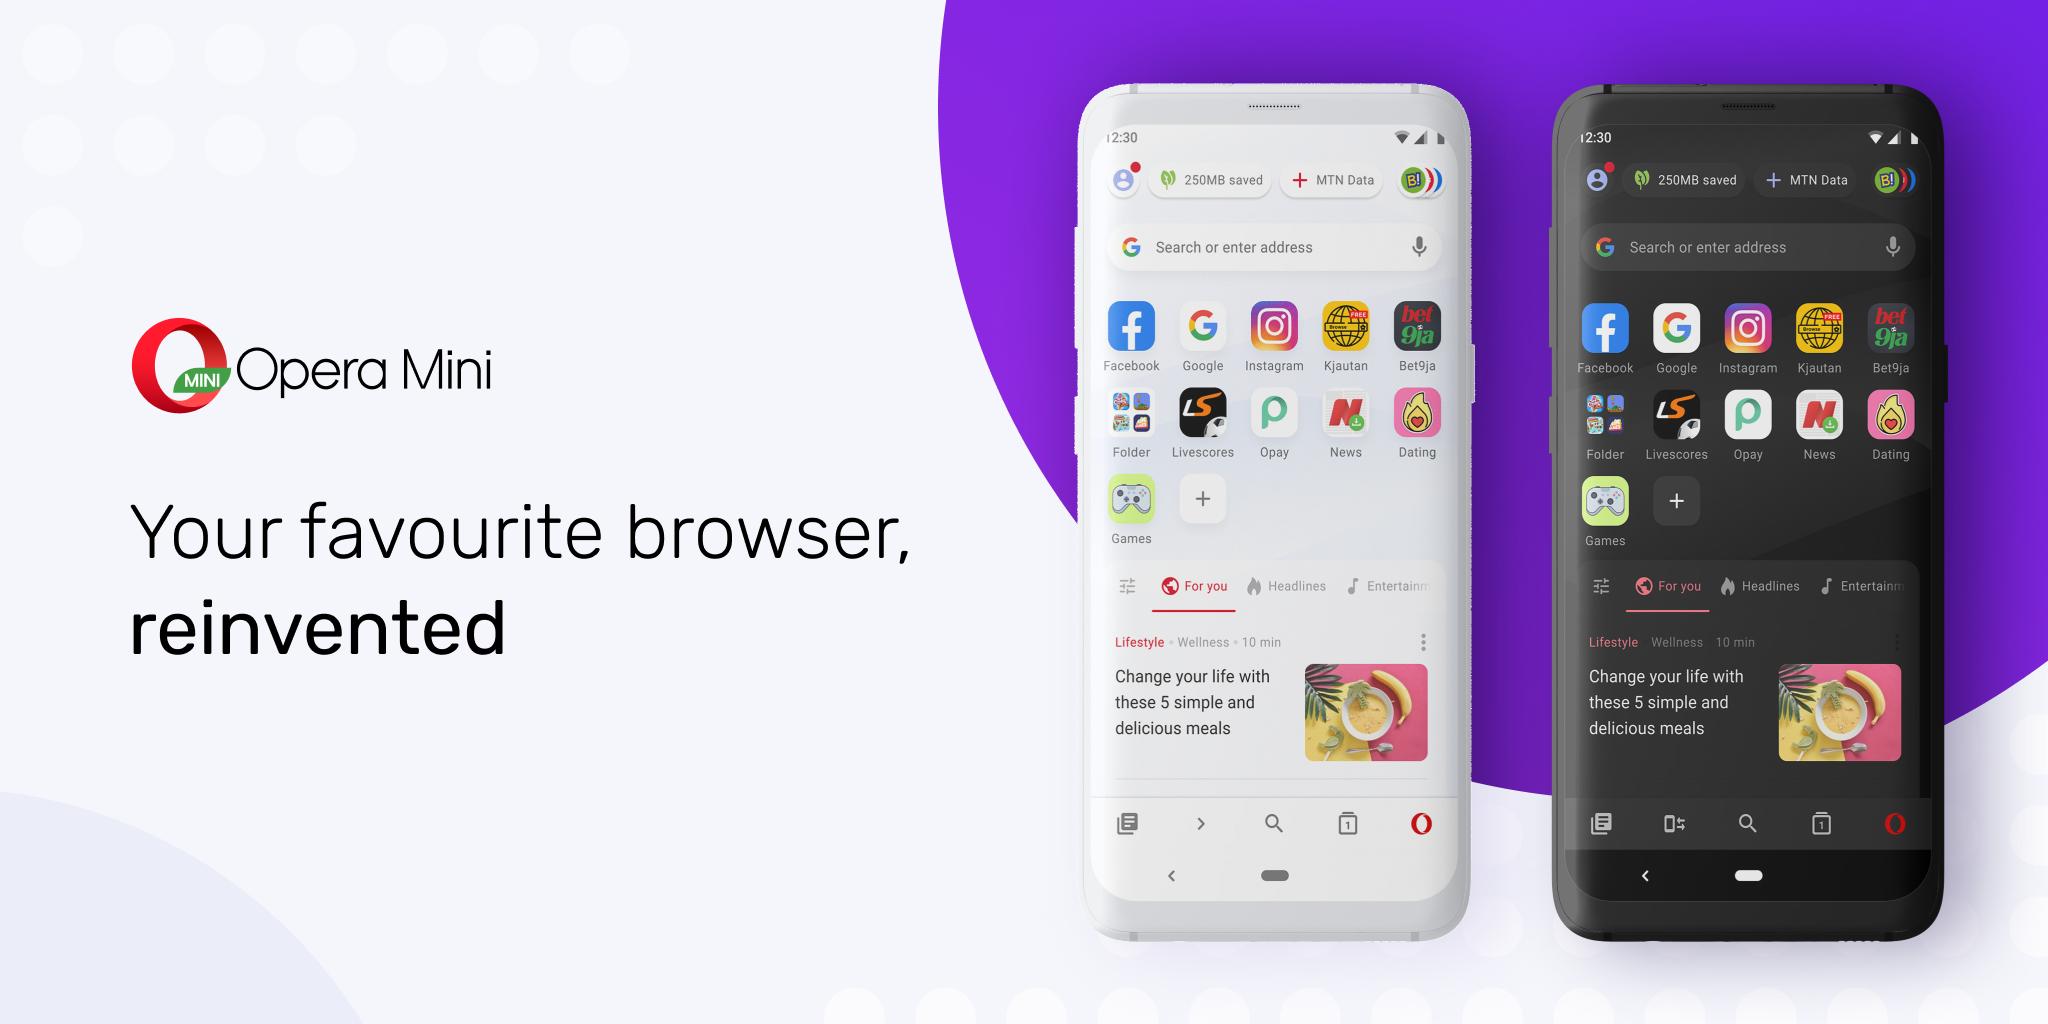 Opera Mini dostaje największą od 5 lat aktualizację aplikacji 22